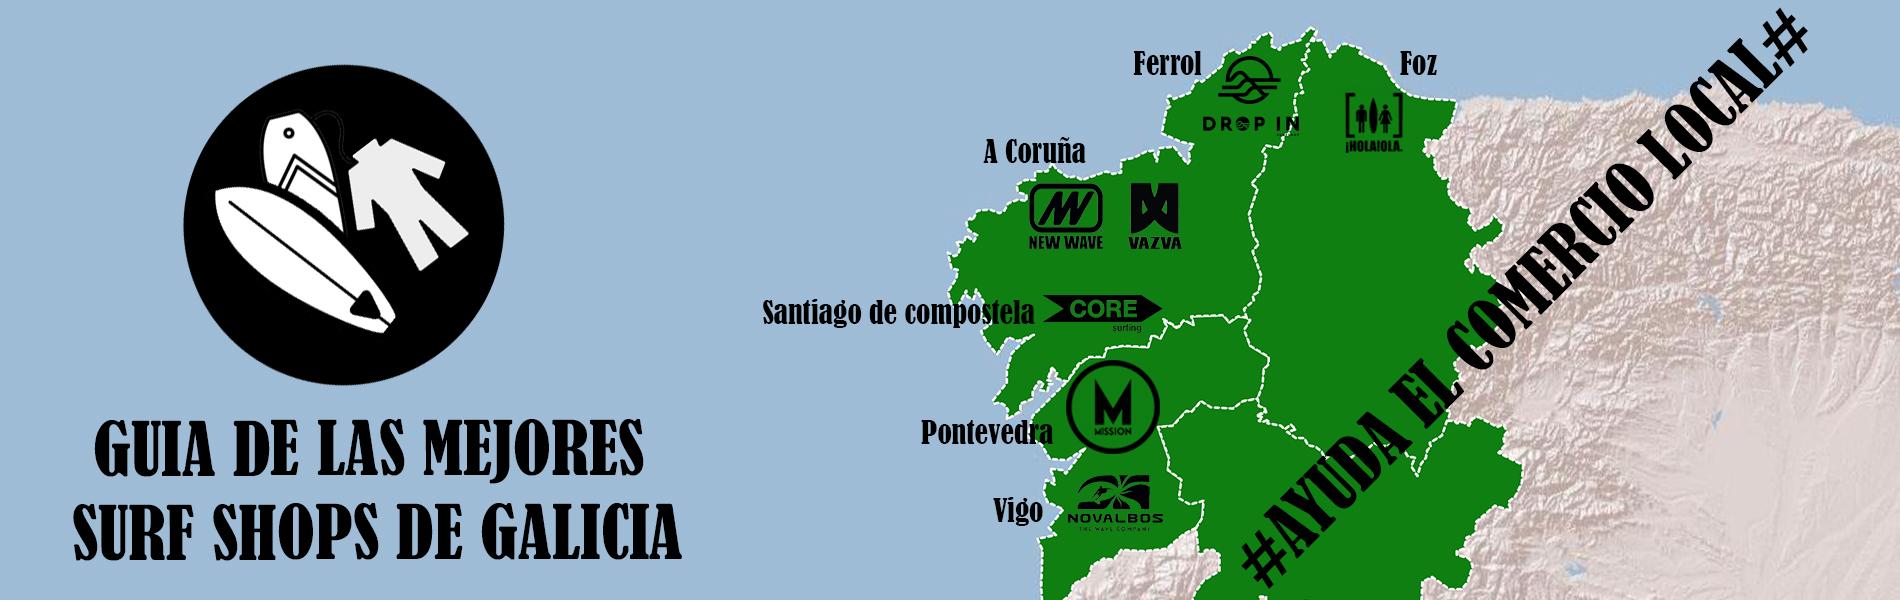 Guia tiendas de surf en galicia